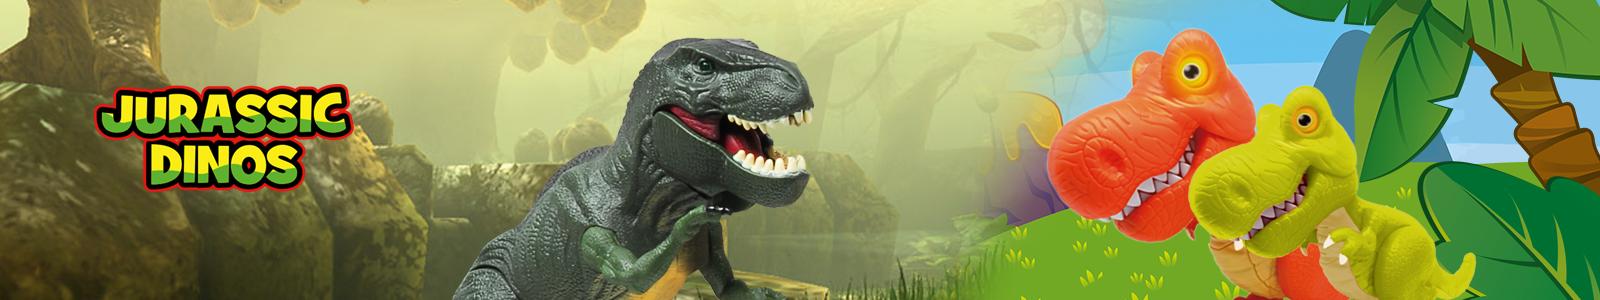 Jurassic Dinos